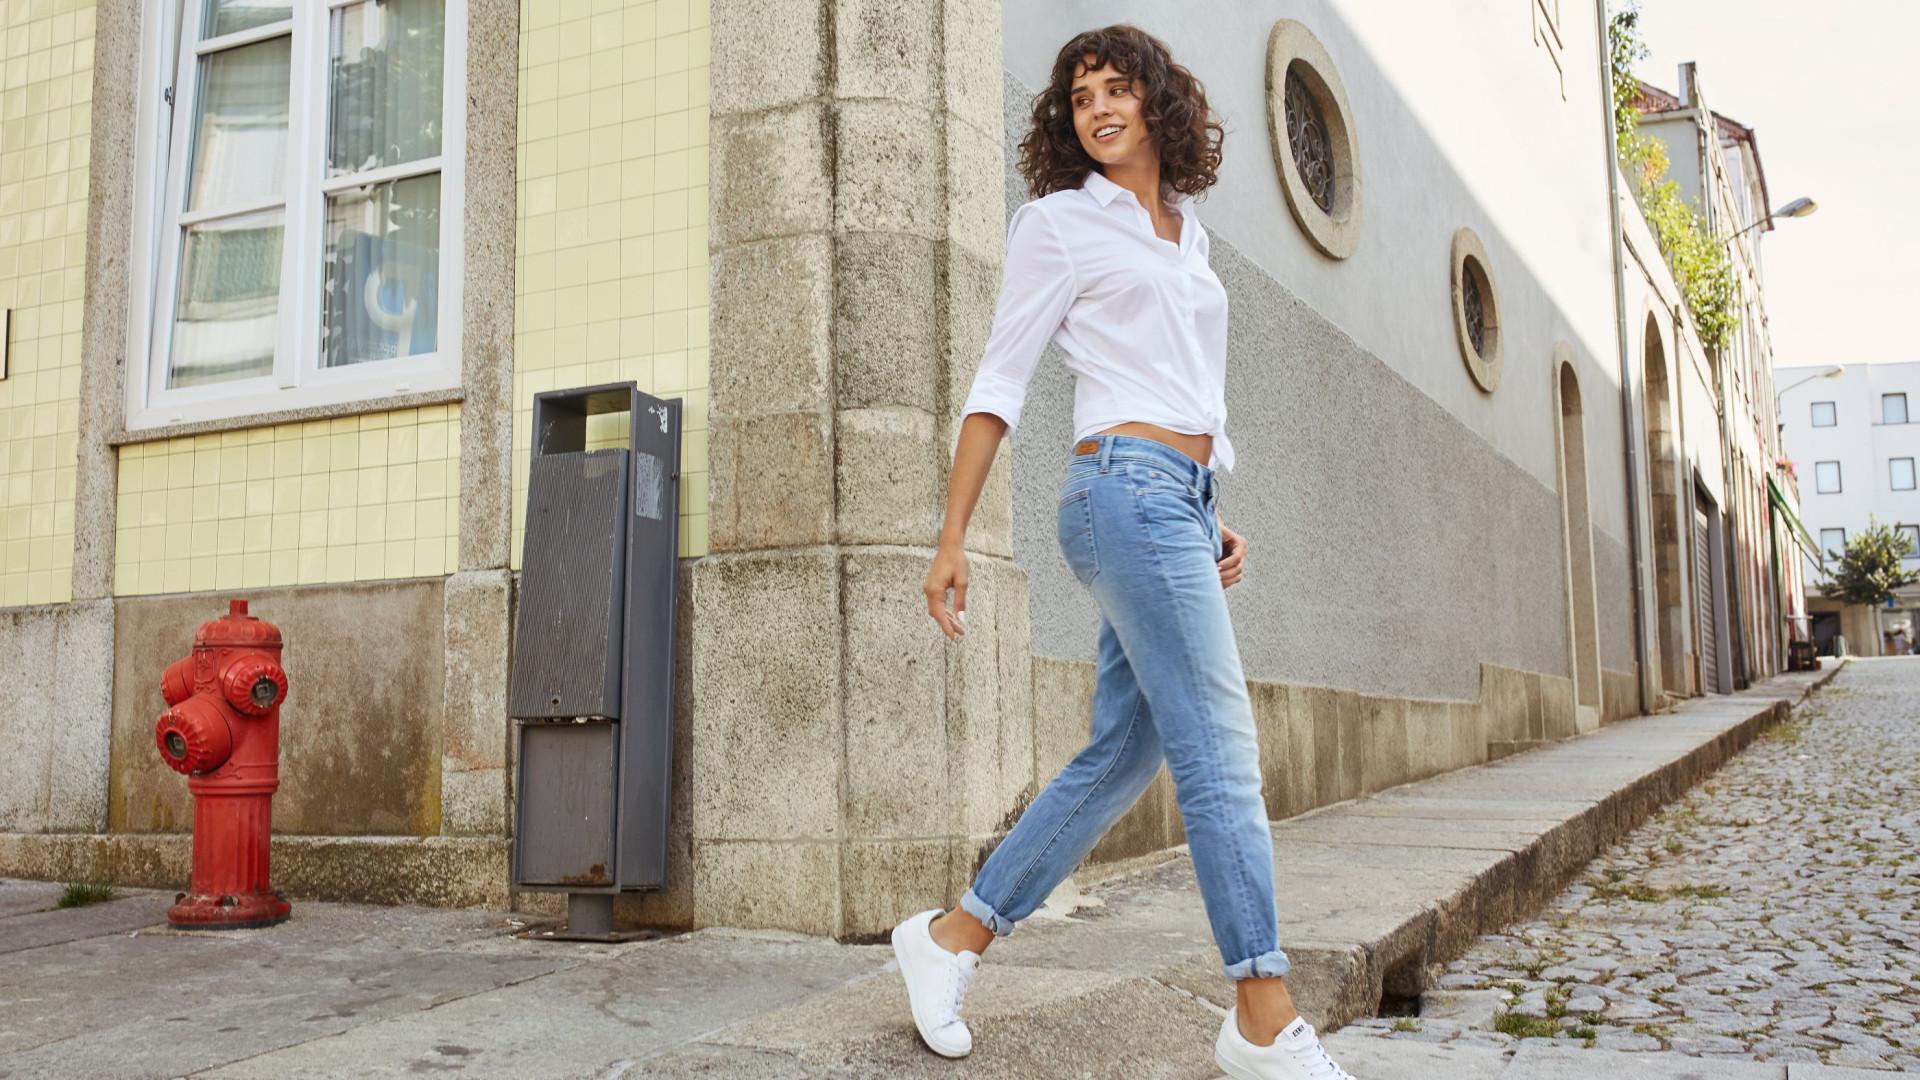 f34eee204f1 Conheça os jeans mais in do momento. O segredo  Emagrecem e criam curvas